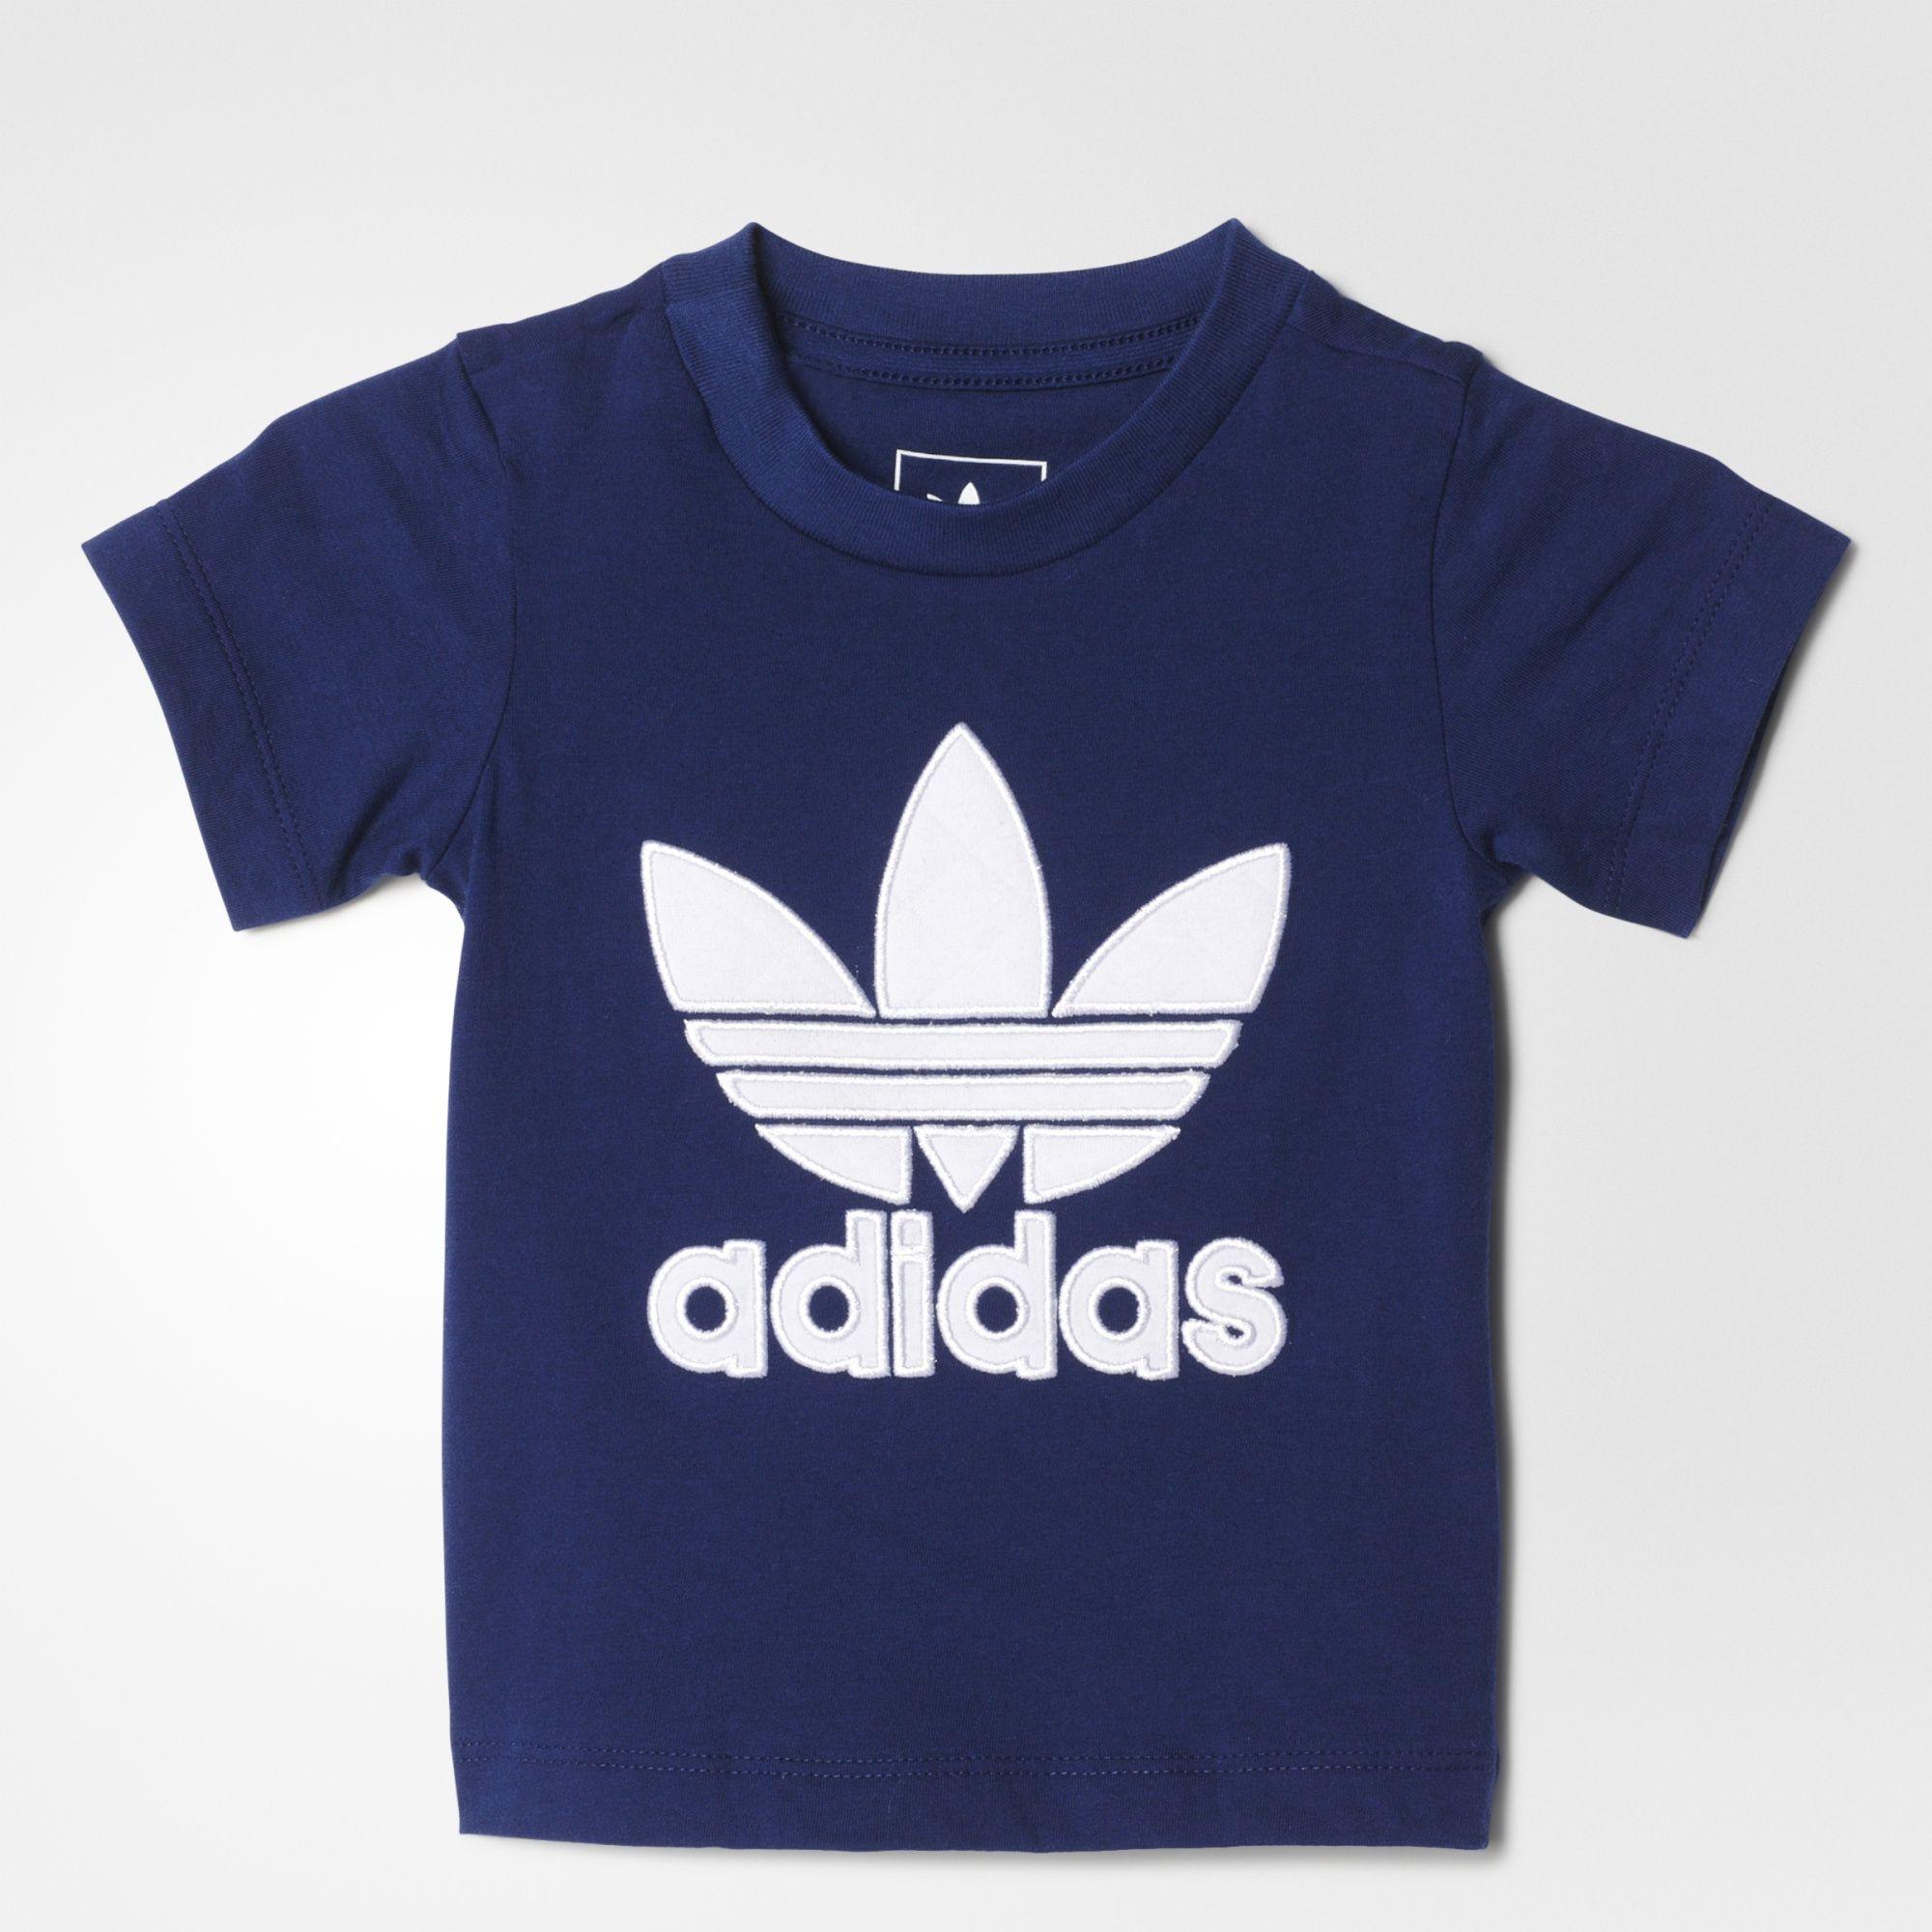 Tilbagelænet småbørnsstil, men med et twist. Denne t-shirt til babyer har et quiltet Trefoil logo foran, der giver det nye look et ikonisk symbol. Den kommer i blød, semi-let bomuld.